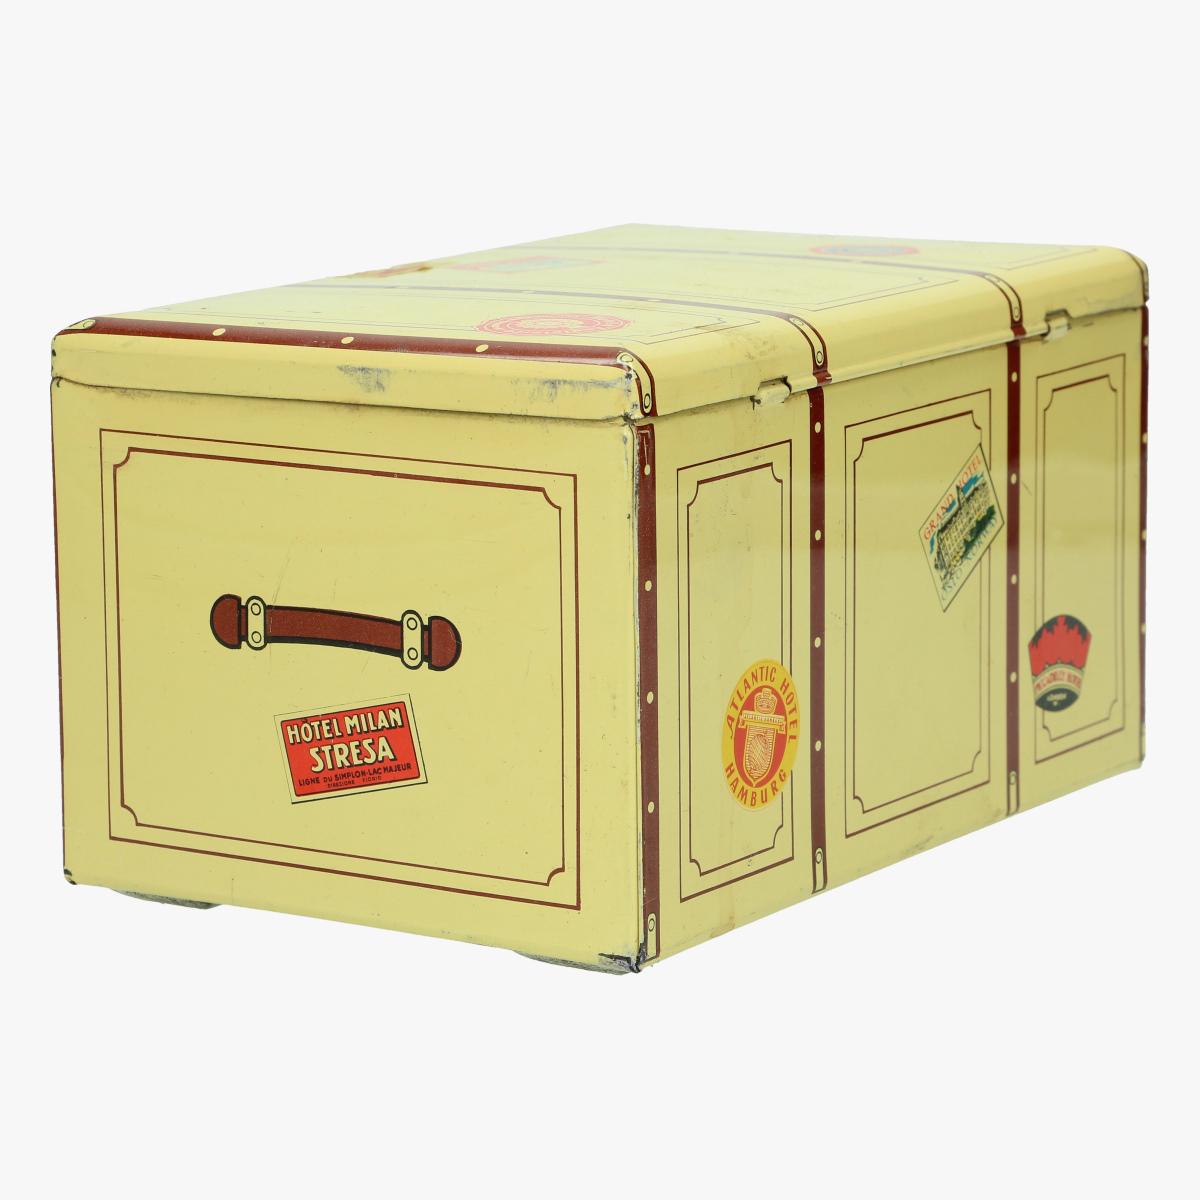 Afbeeldingen van oude blikken doosje côte d'or